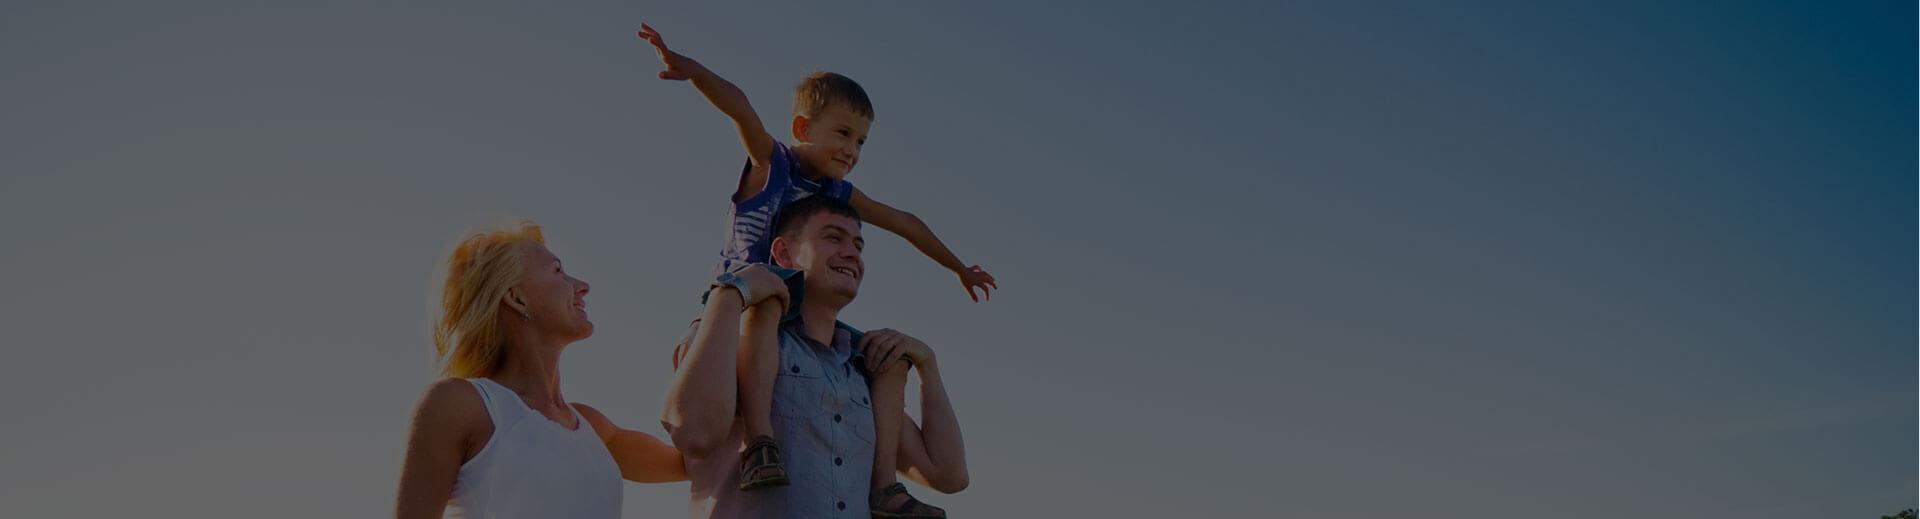 denisdejardin-avocat-page-DOMAINES-banniere-droit-famille